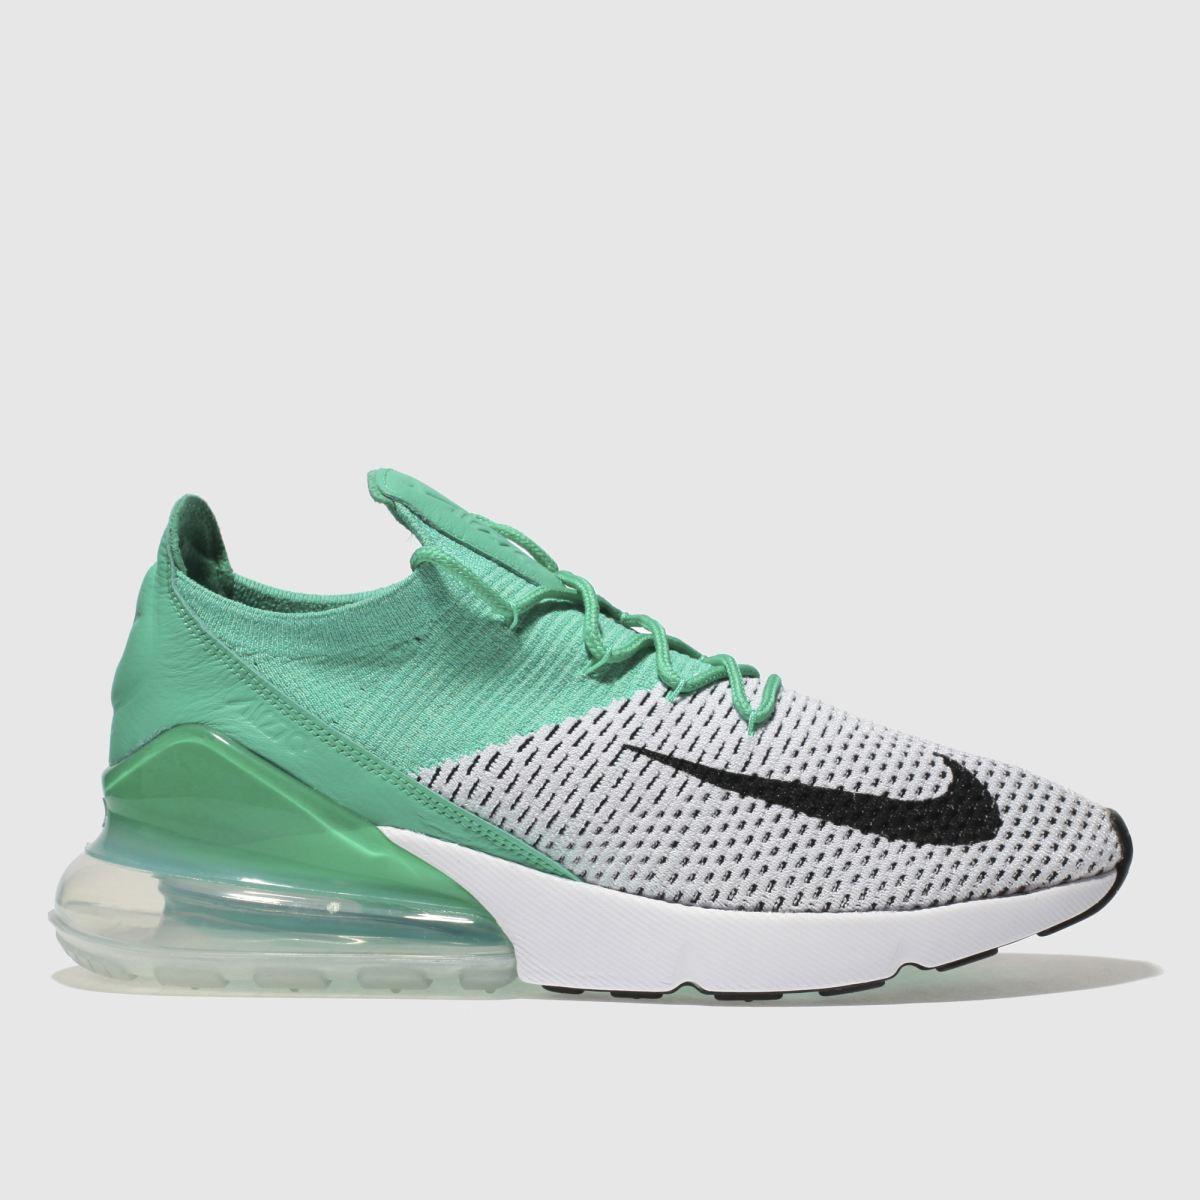 promo code 3fb6c 05546 Nike Air Max 270 Flyknit Women's Shoe - Green